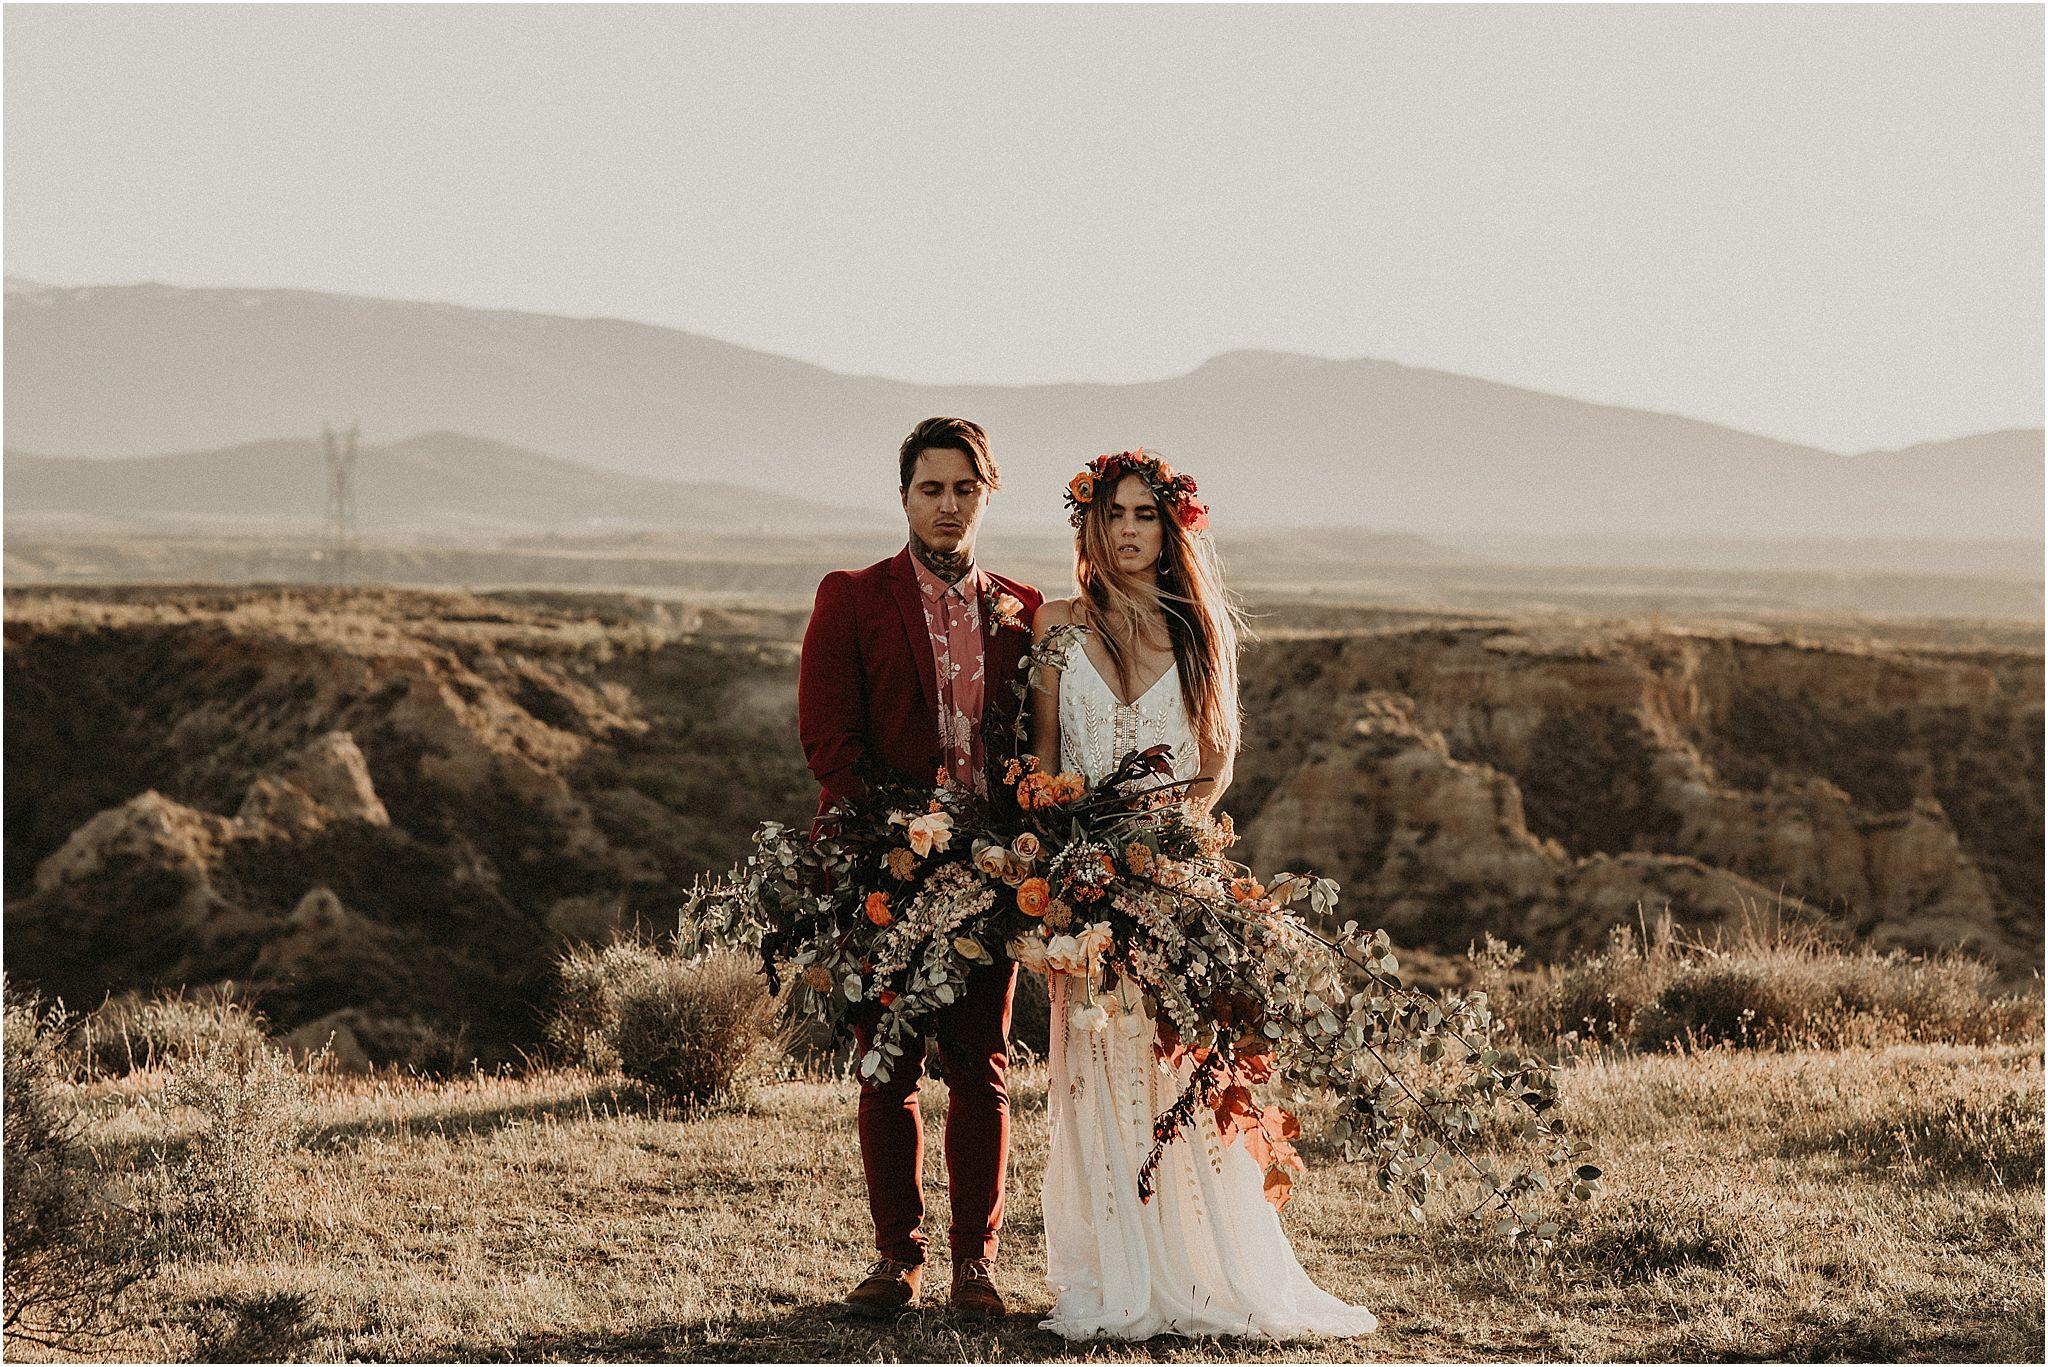 Indie wedding in Spain 32.jpg